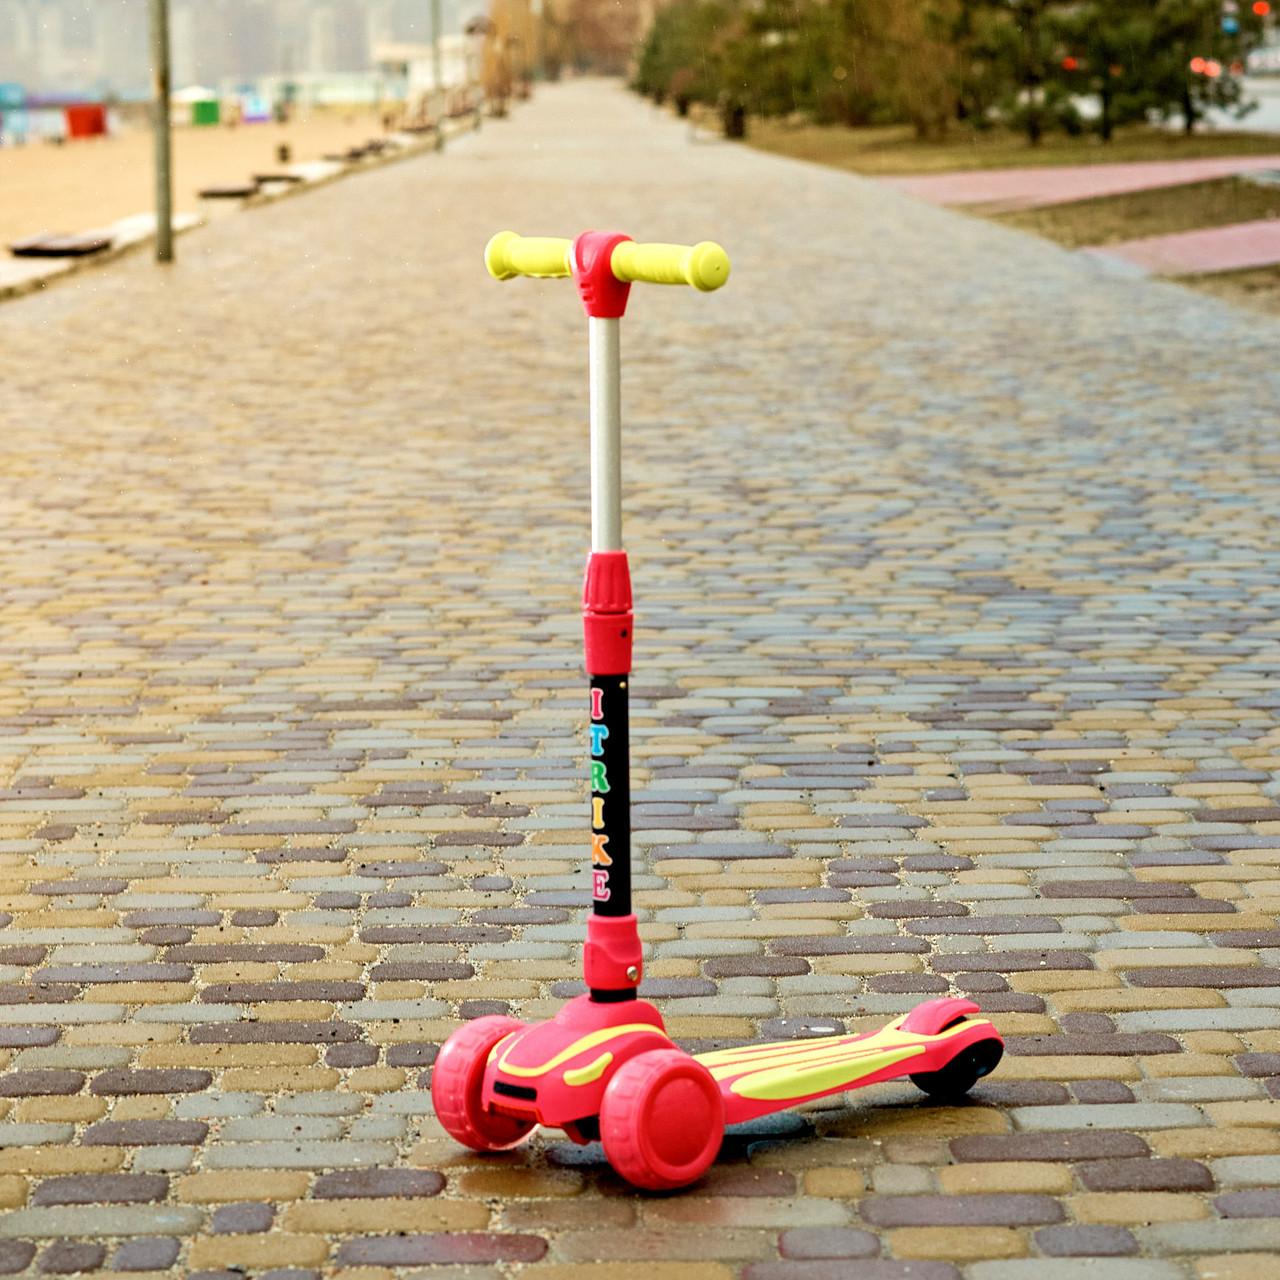 Самокат детский складной трехколесный SPORT KIDS 2586 со светящимися колесами Красно-желтый